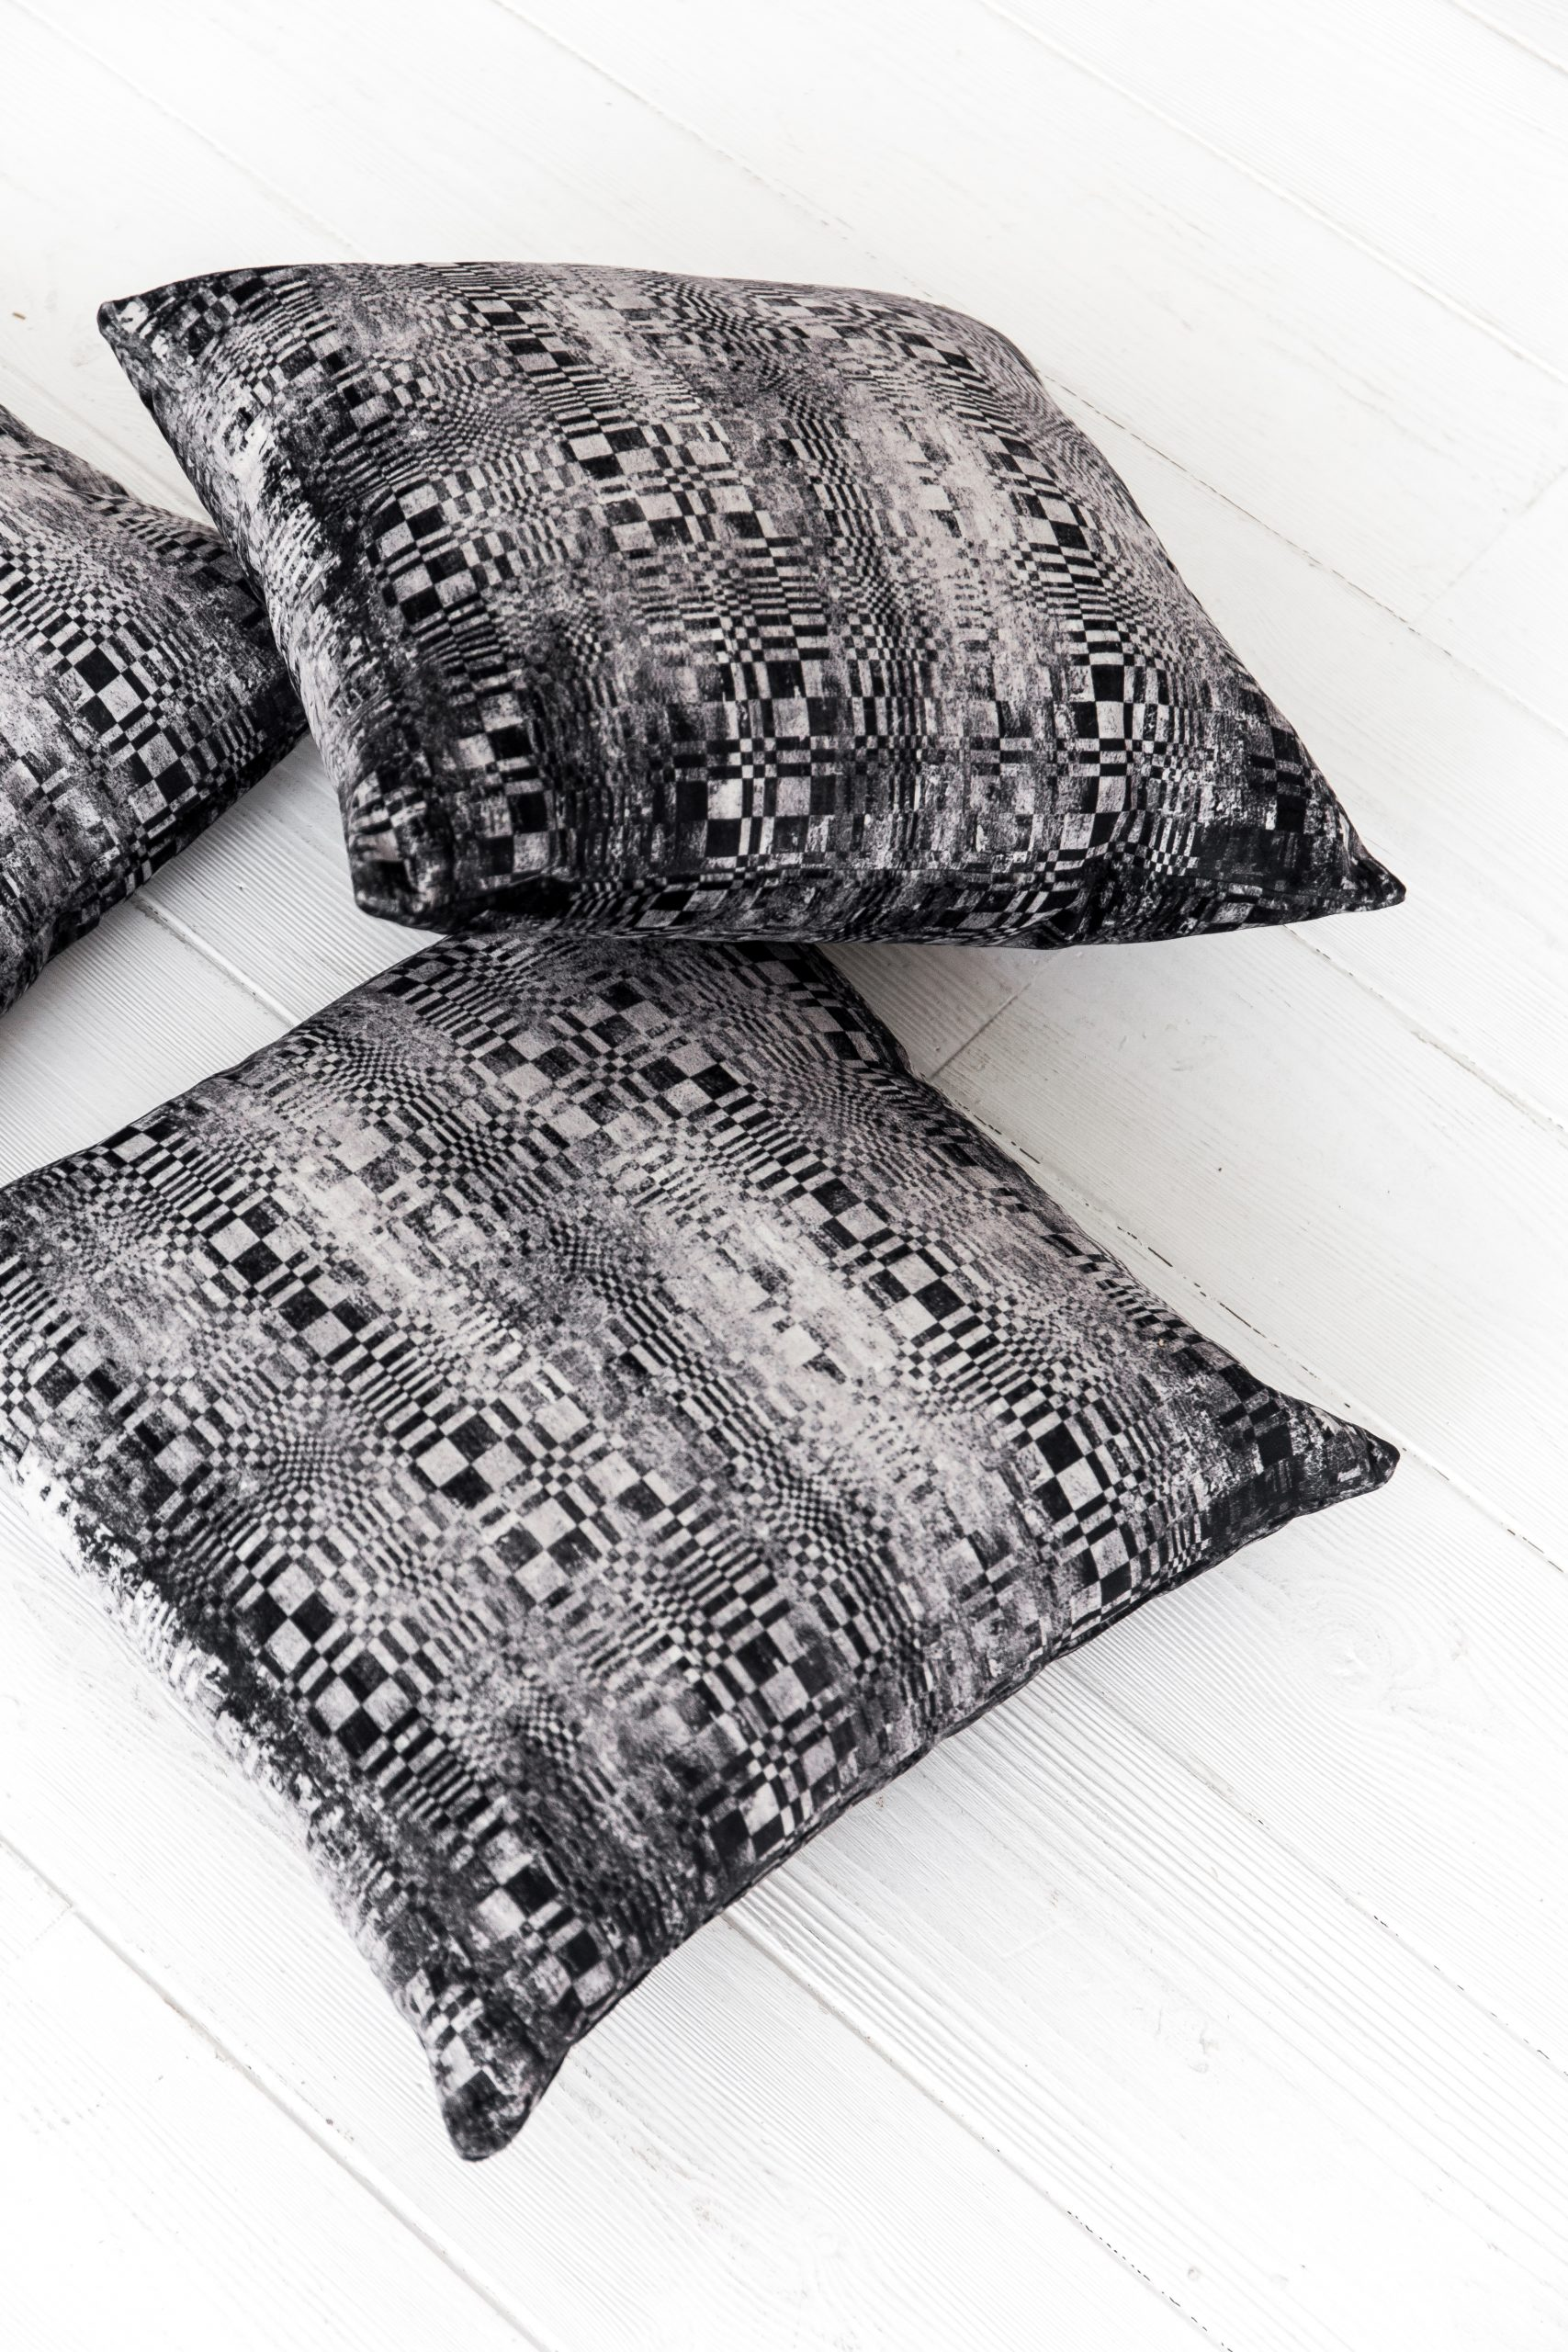 RAŠTAI pagalvė